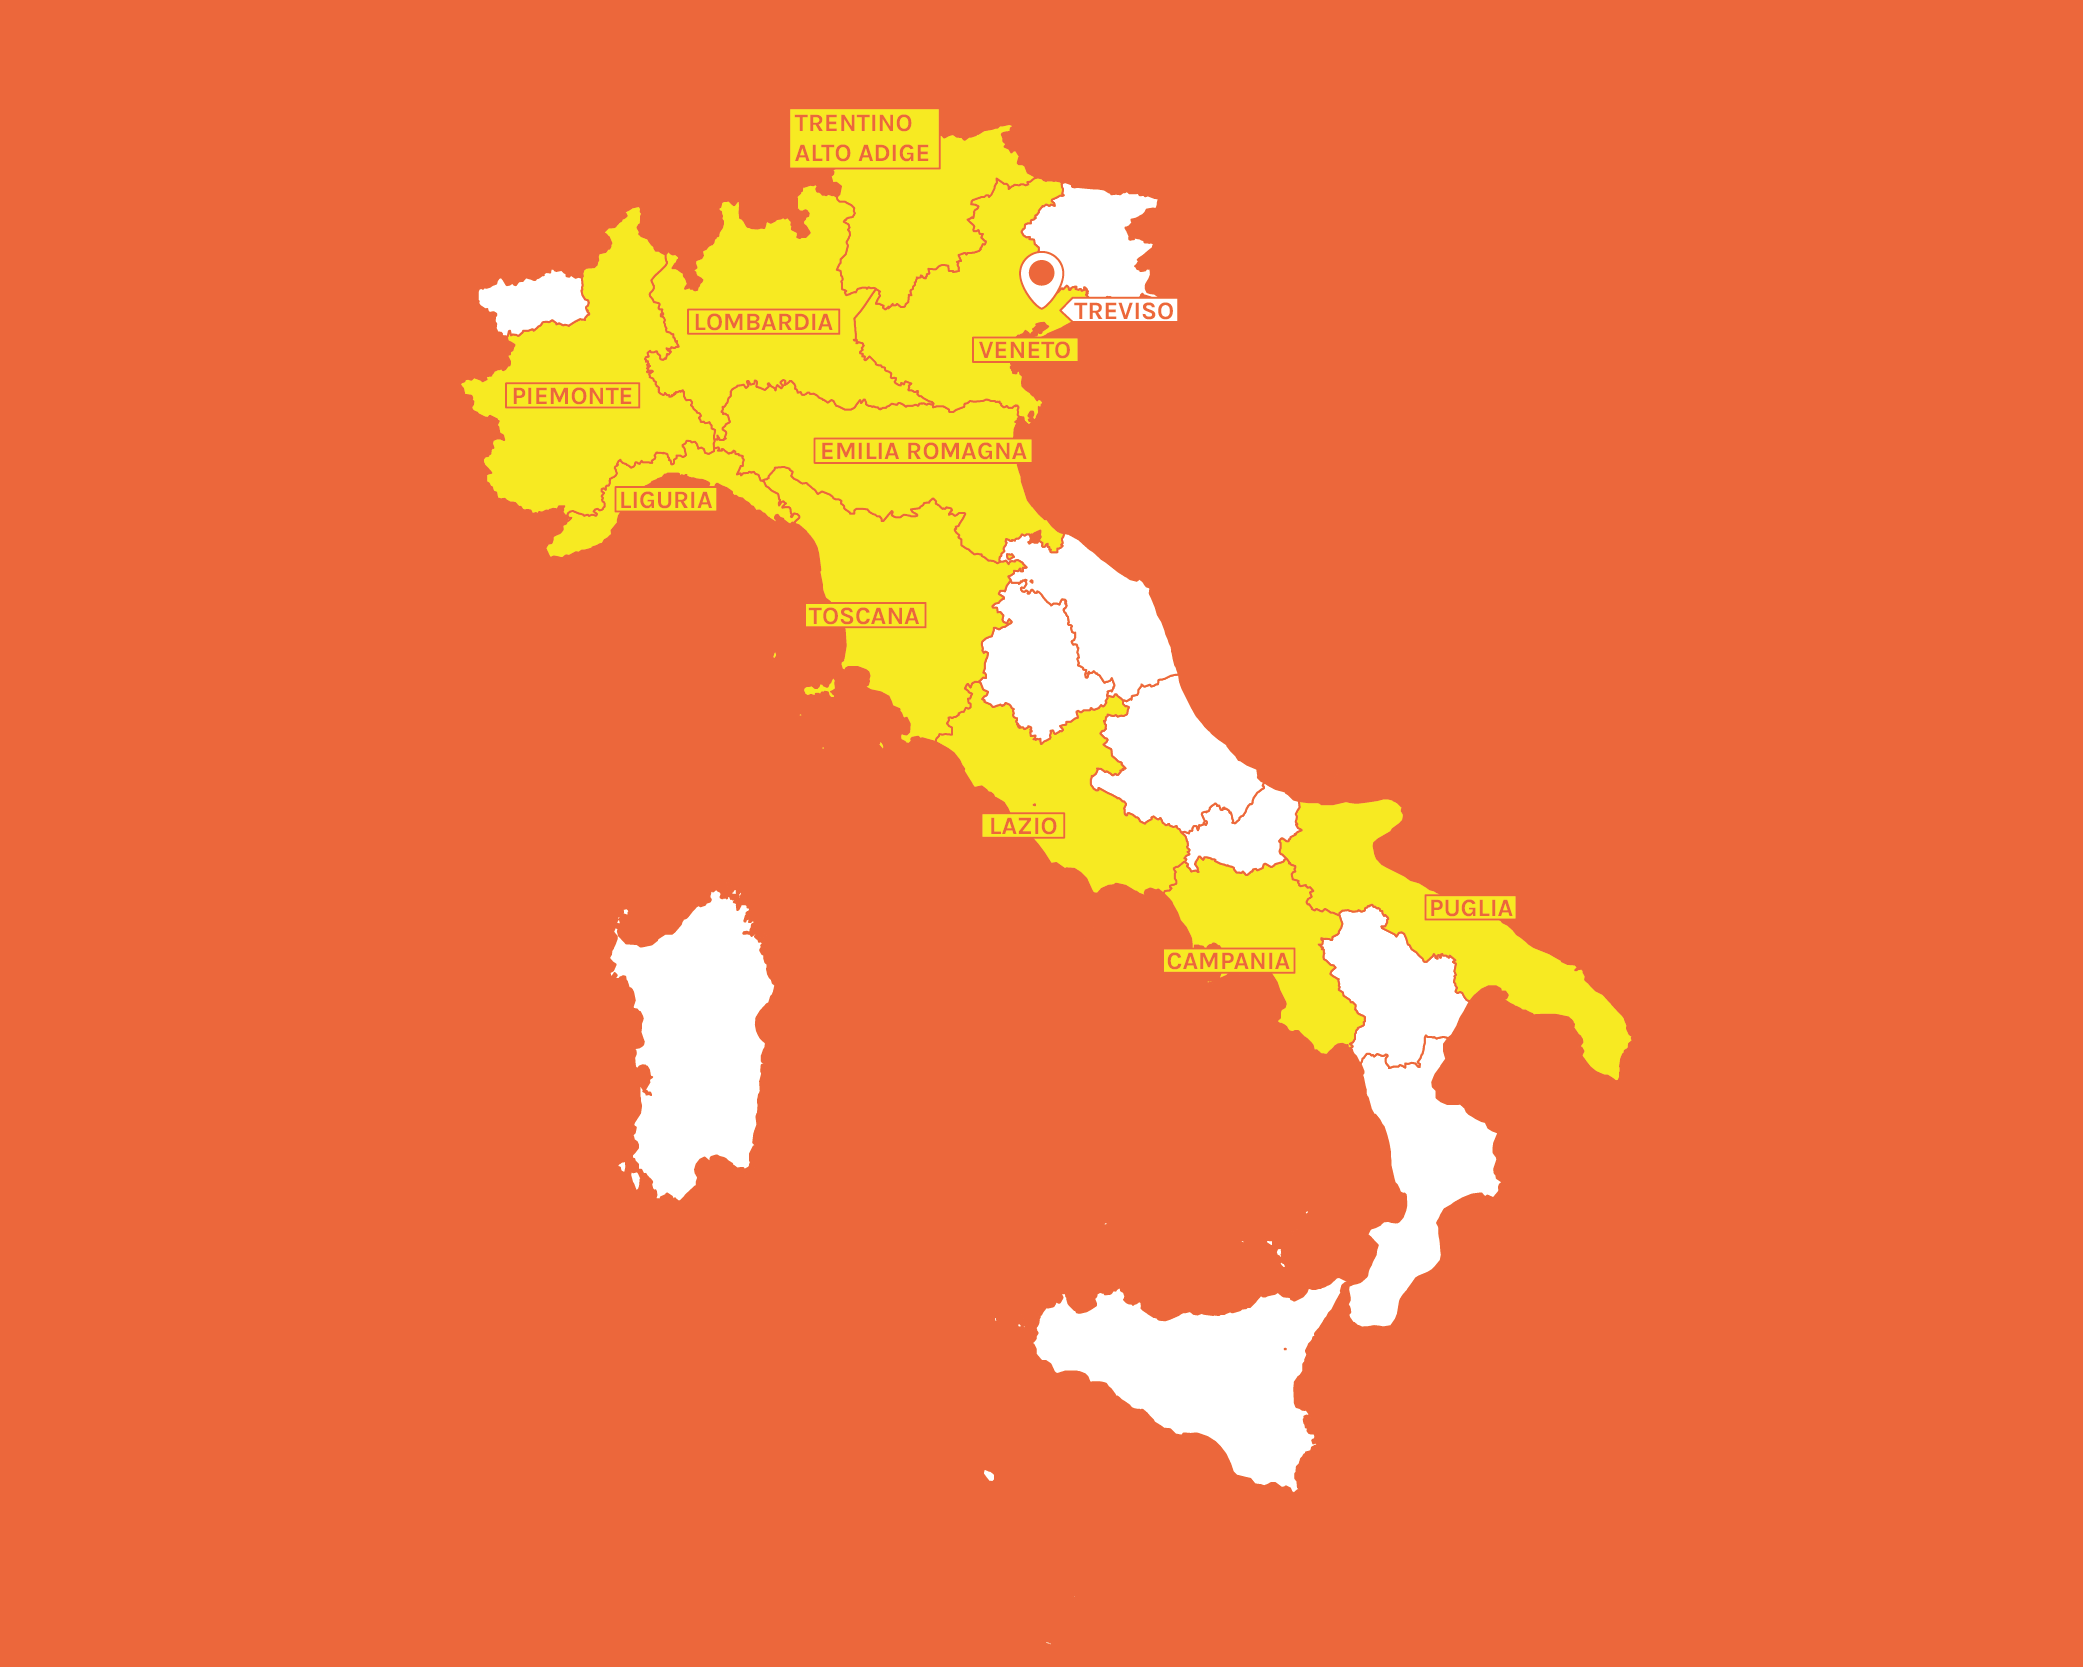 Mappa che mostra dove si trova Informatici Senza Frontiere in Italia